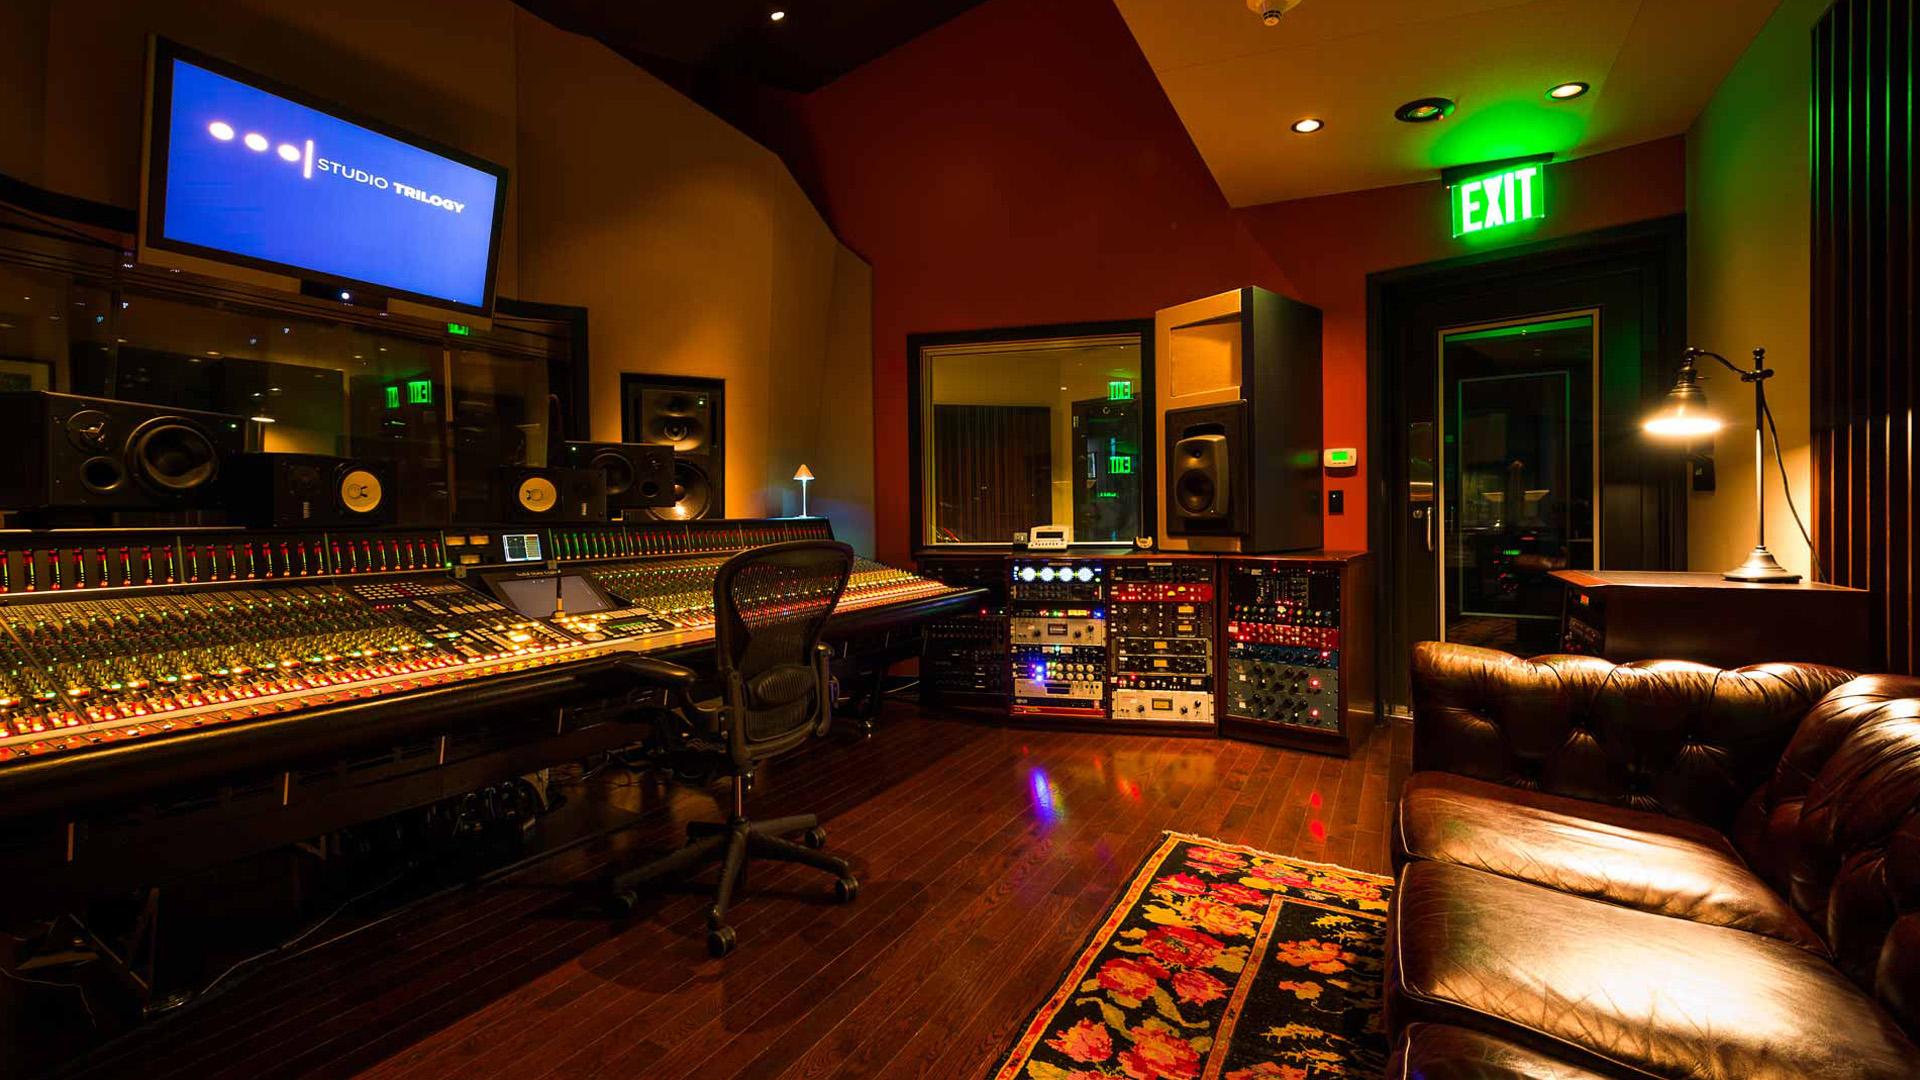 HD Recording Studio Wallpaper 1920x1080